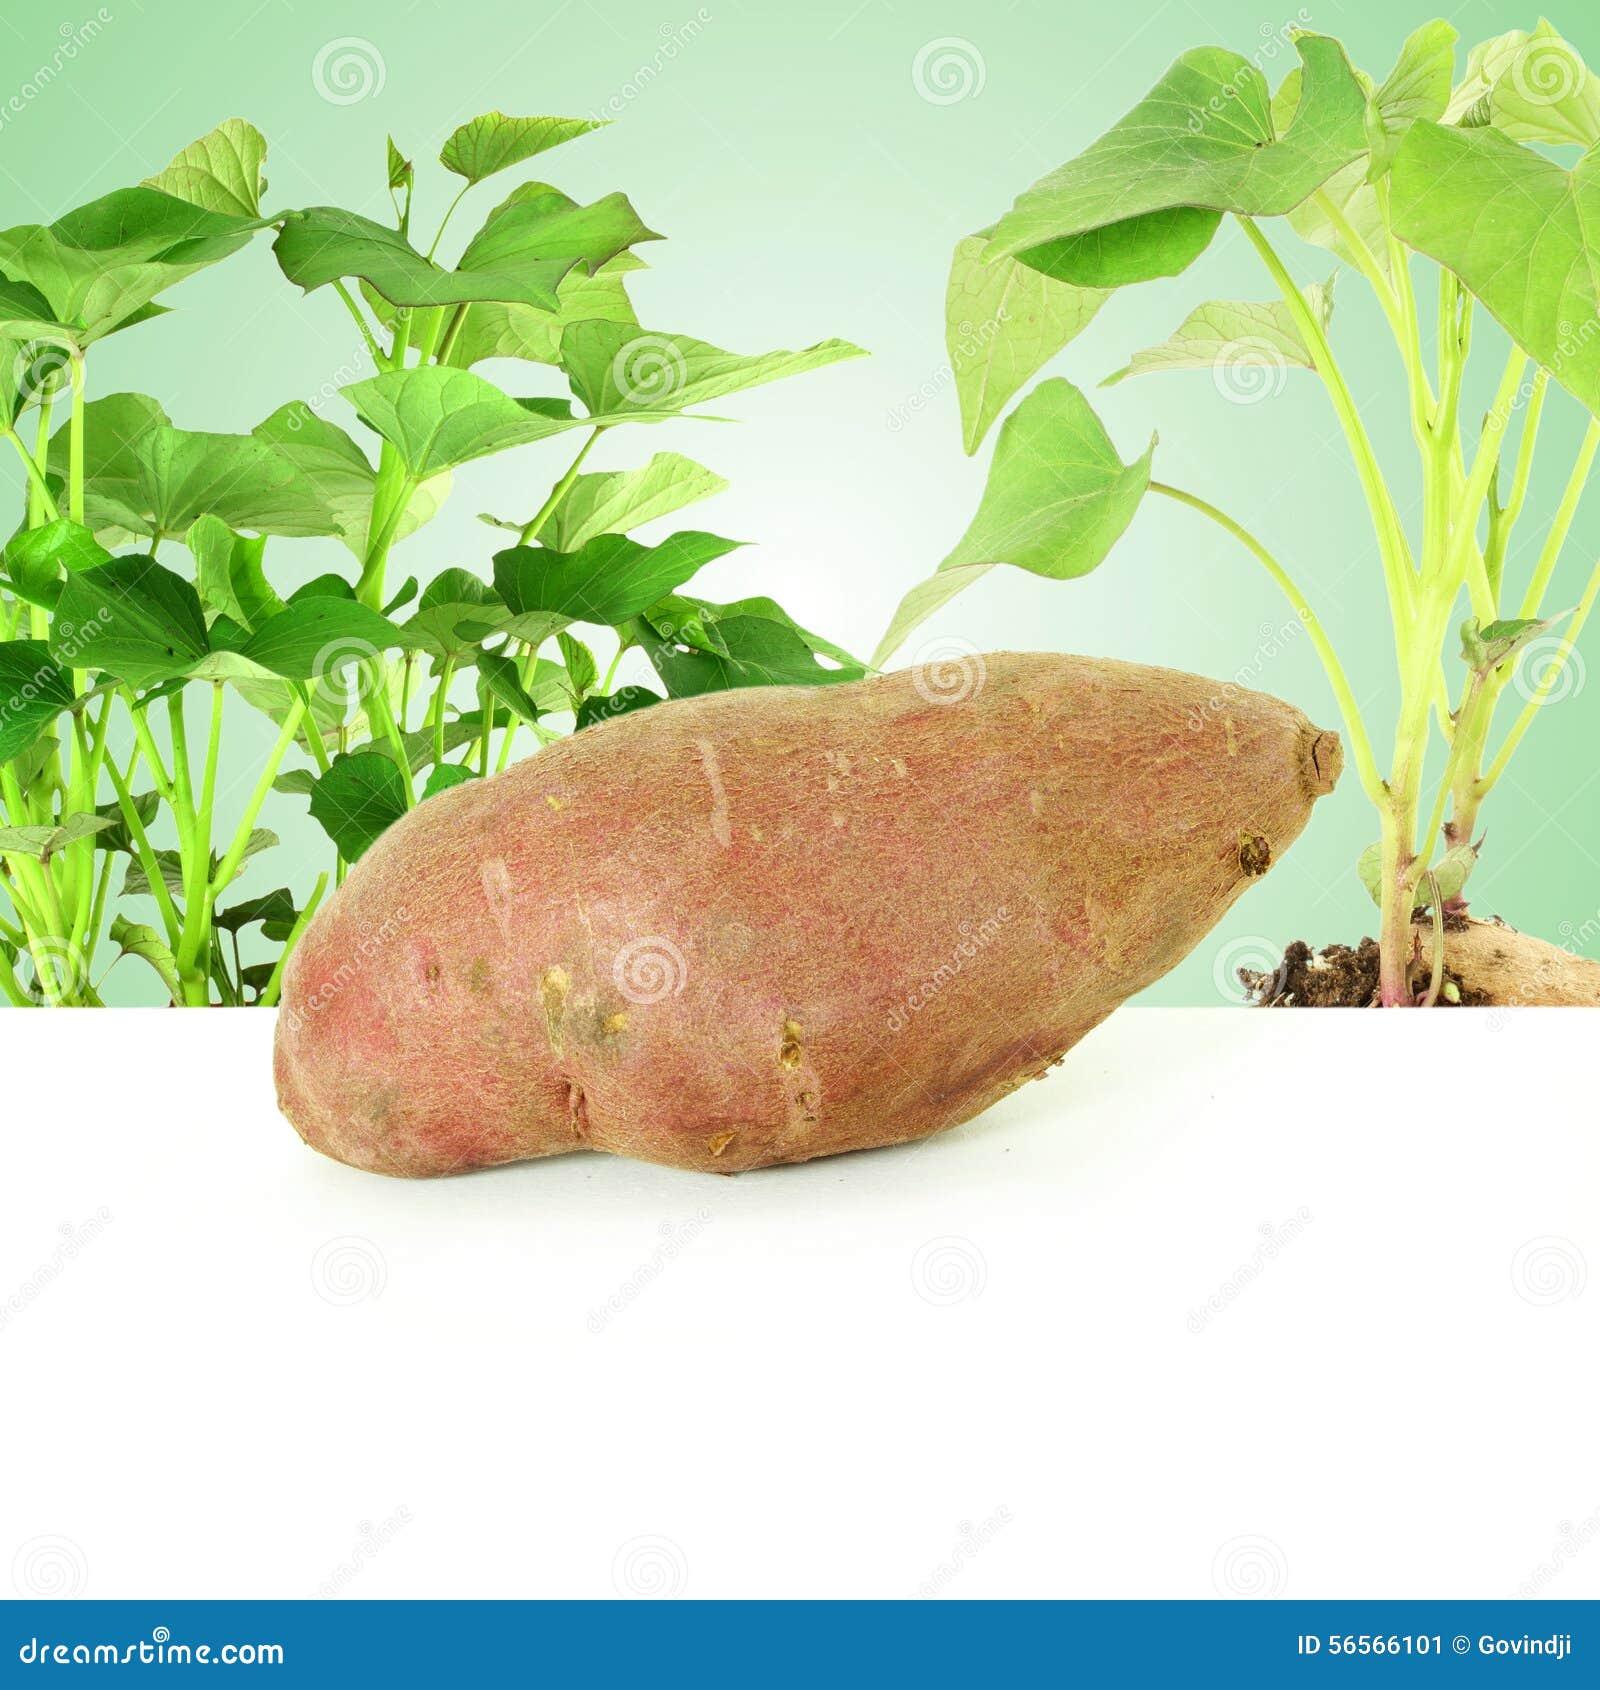 Download γλυκιά πατάτα με την ανάπτυξη των εγκαταστάσεων στο πράσινο υπόβαθρο Στοκ Εικόνα - εικόνα από χορτάρι, φαγόπυρου: 56566101